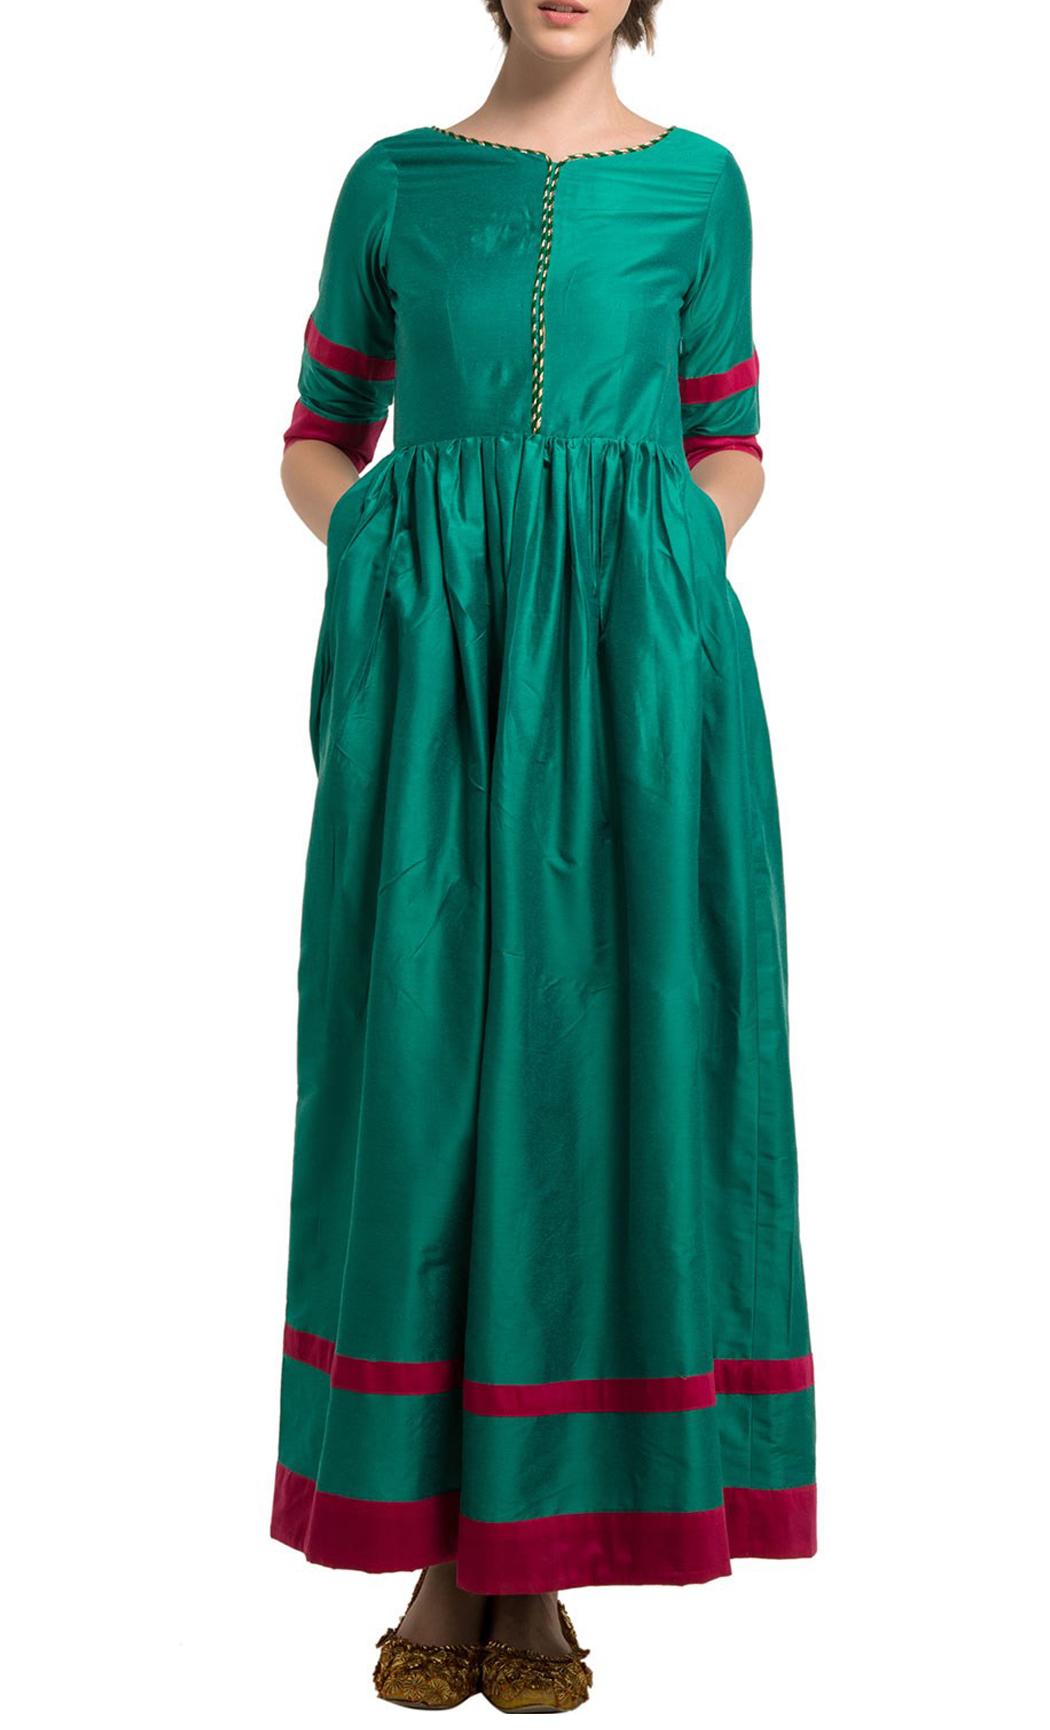 Bottle Green Long Tunic - Buy Online